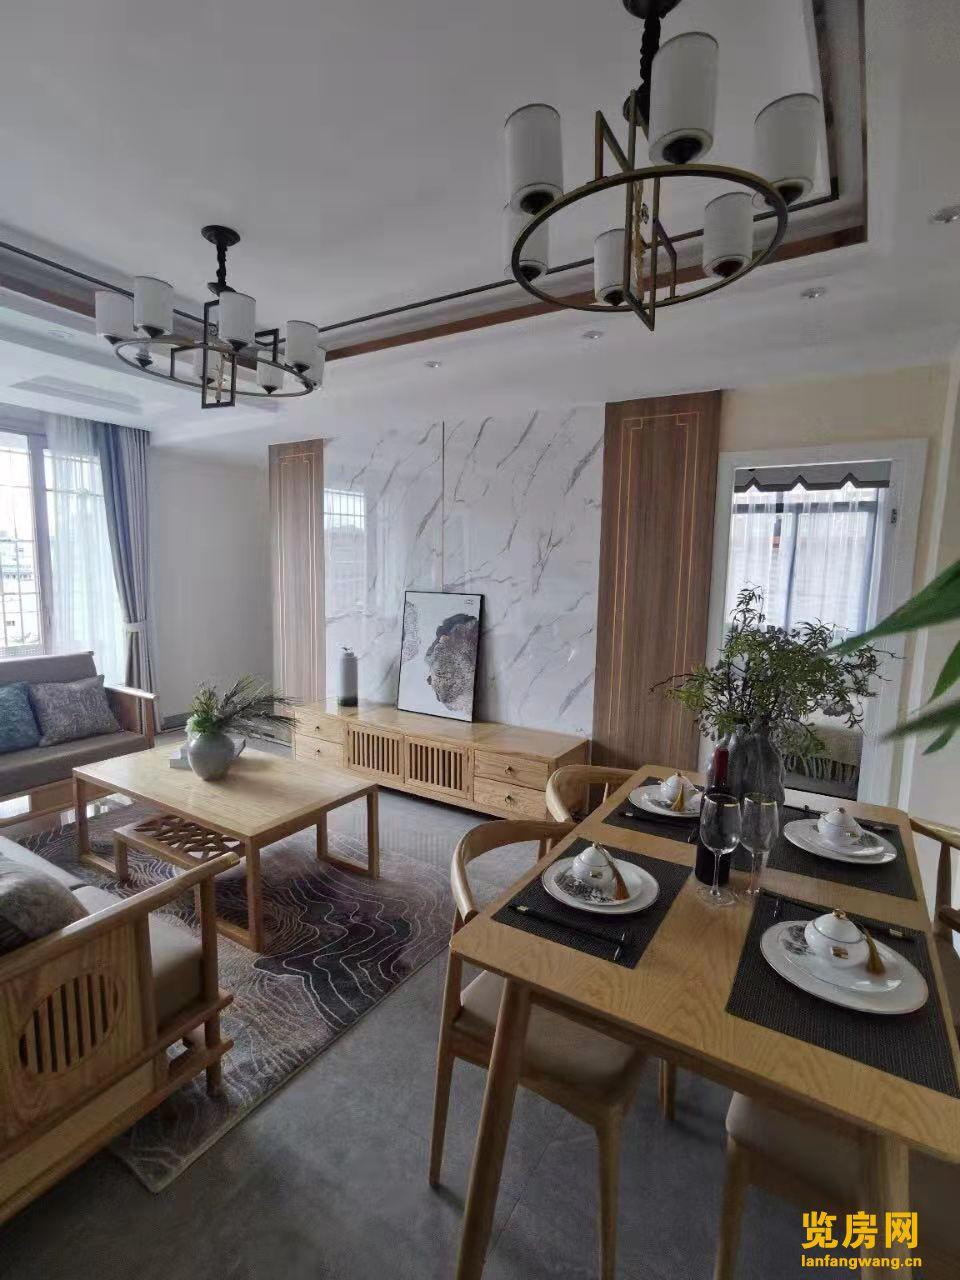 2021年在深圳买房还有望吗?